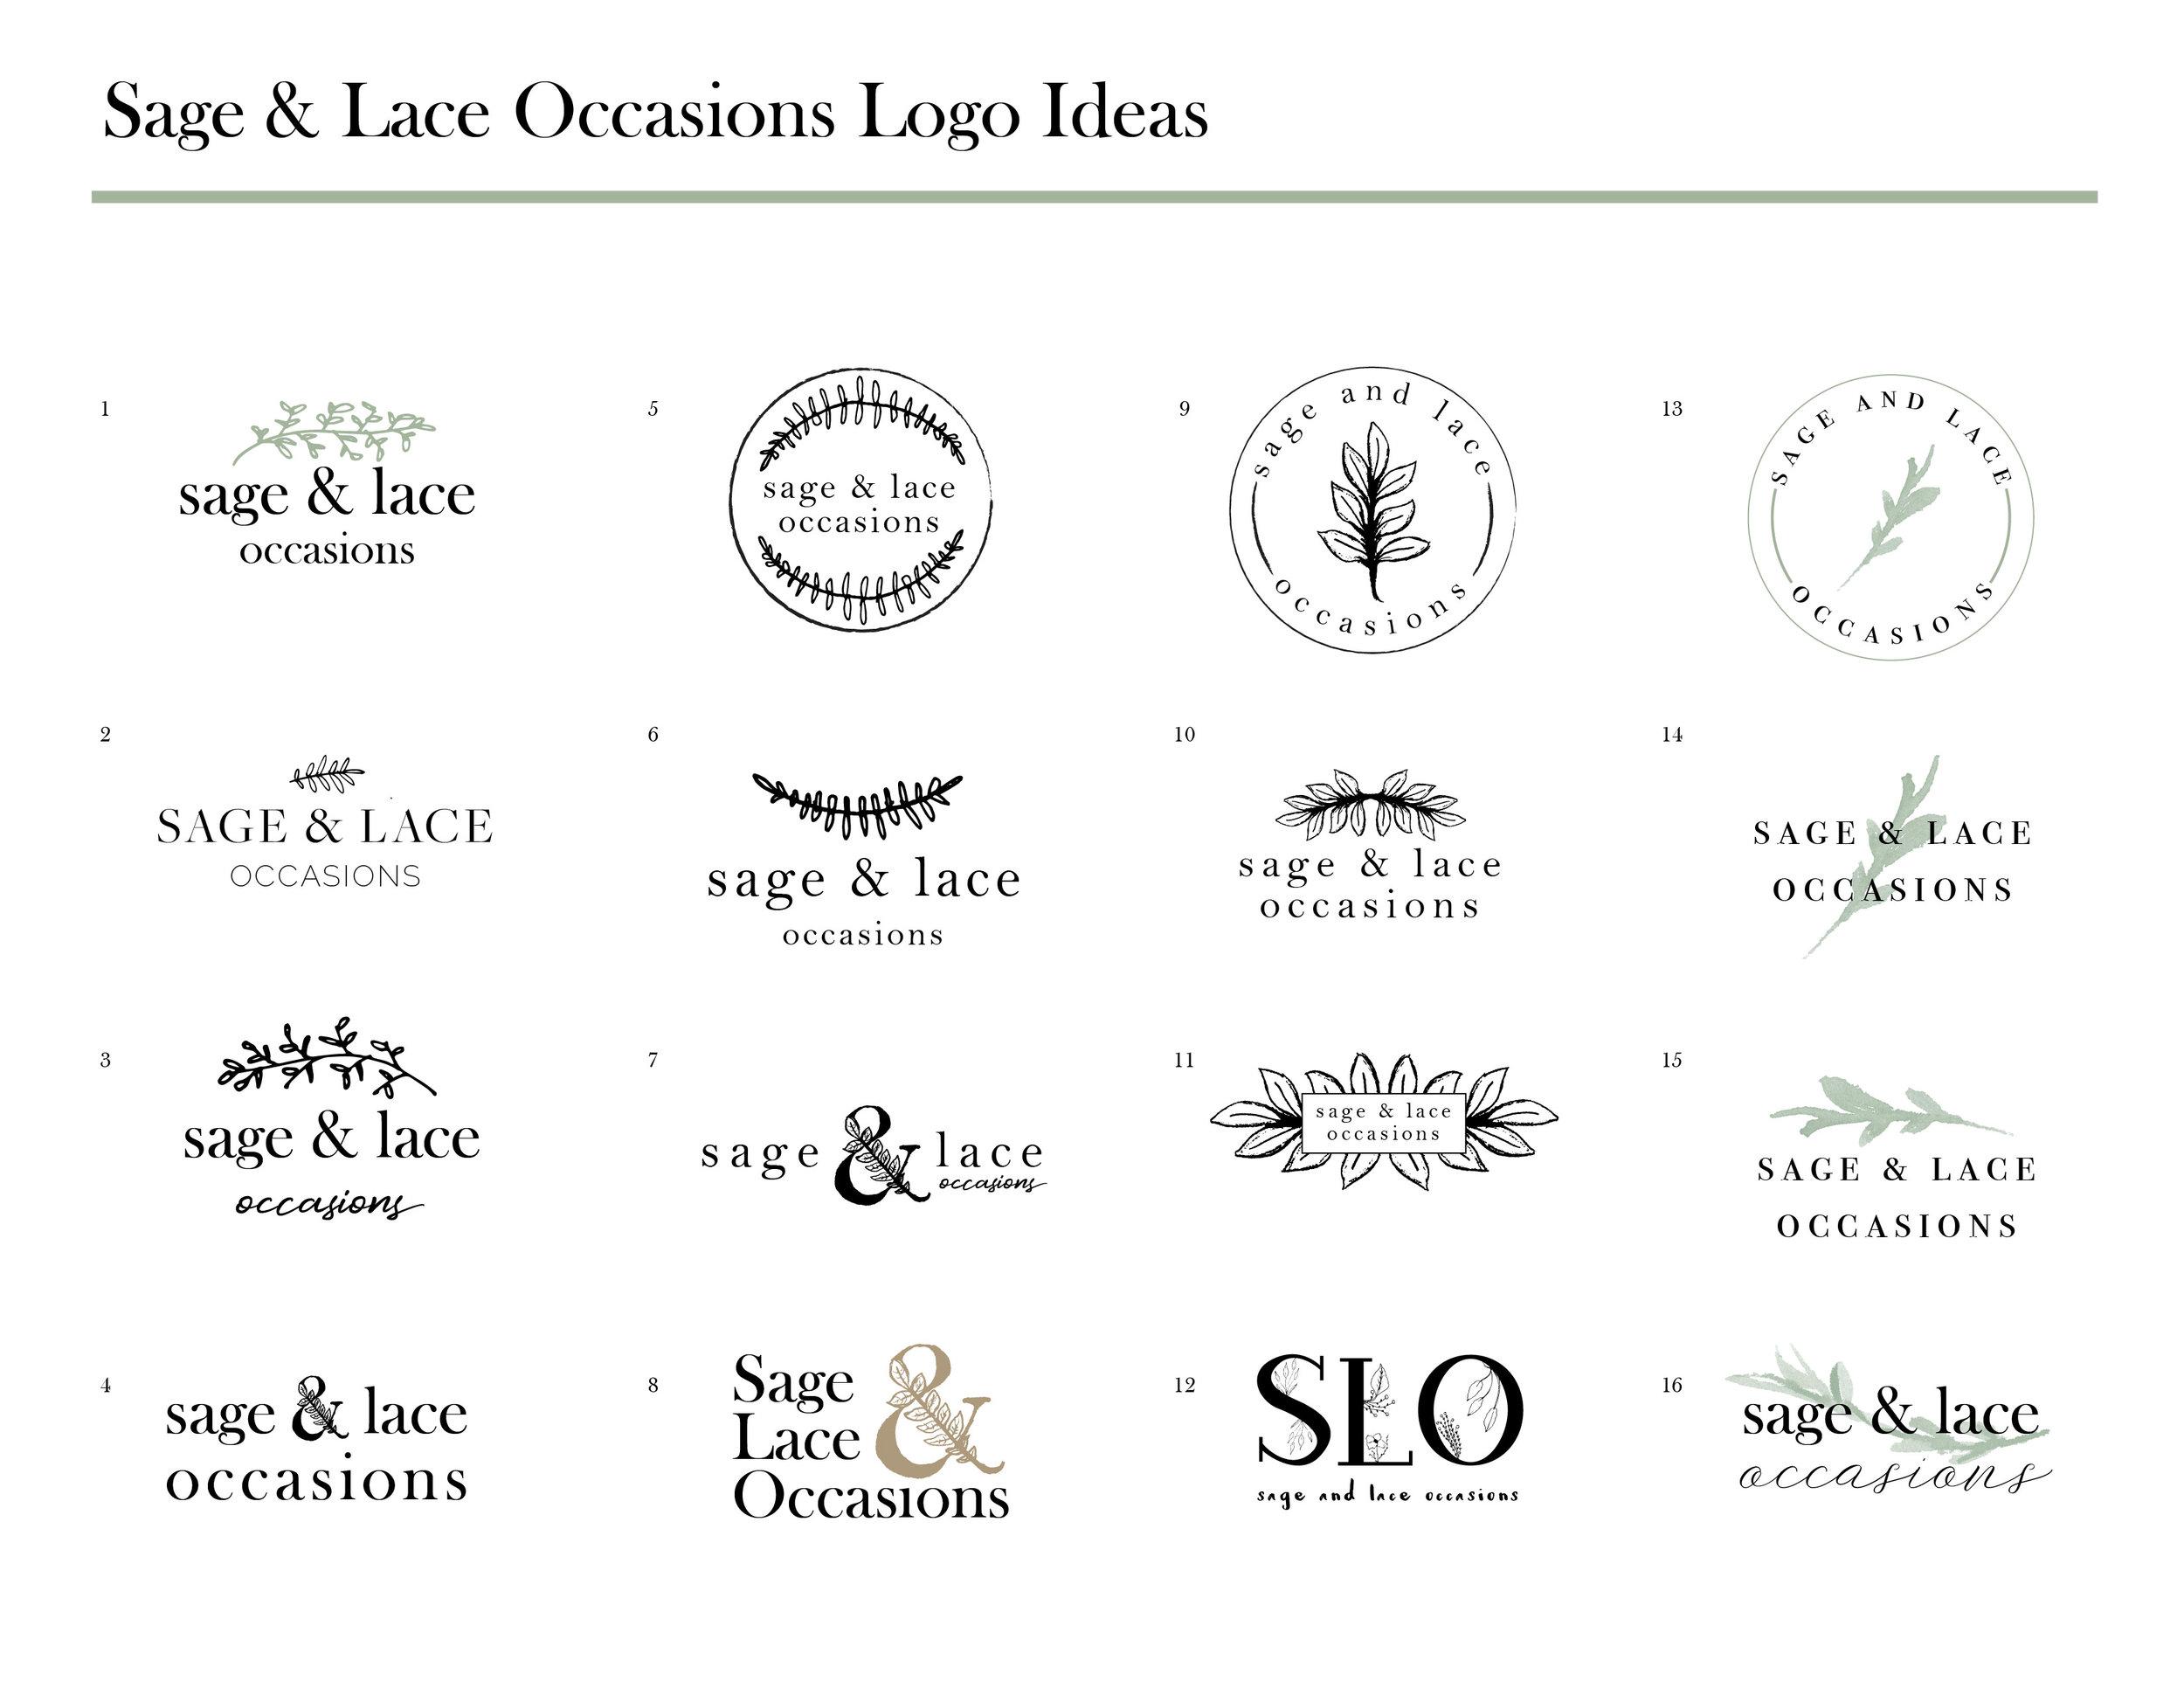 ACC-SageAndLaceOccasions-Branding-01.jpg